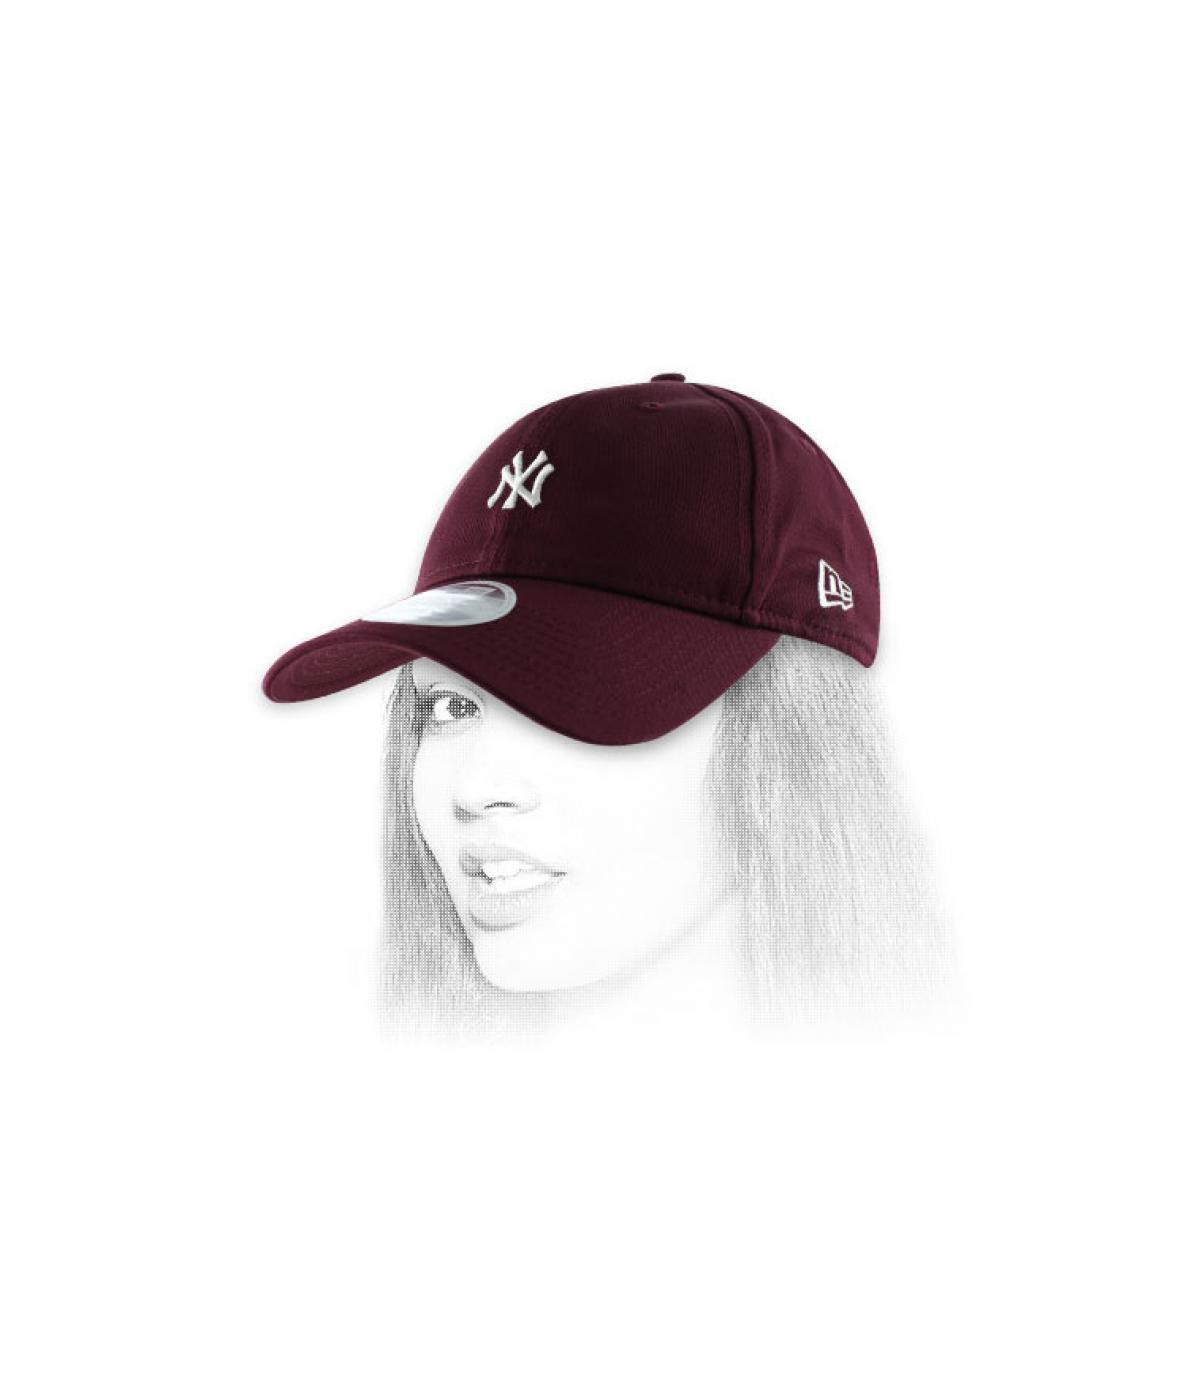 Women NY cap